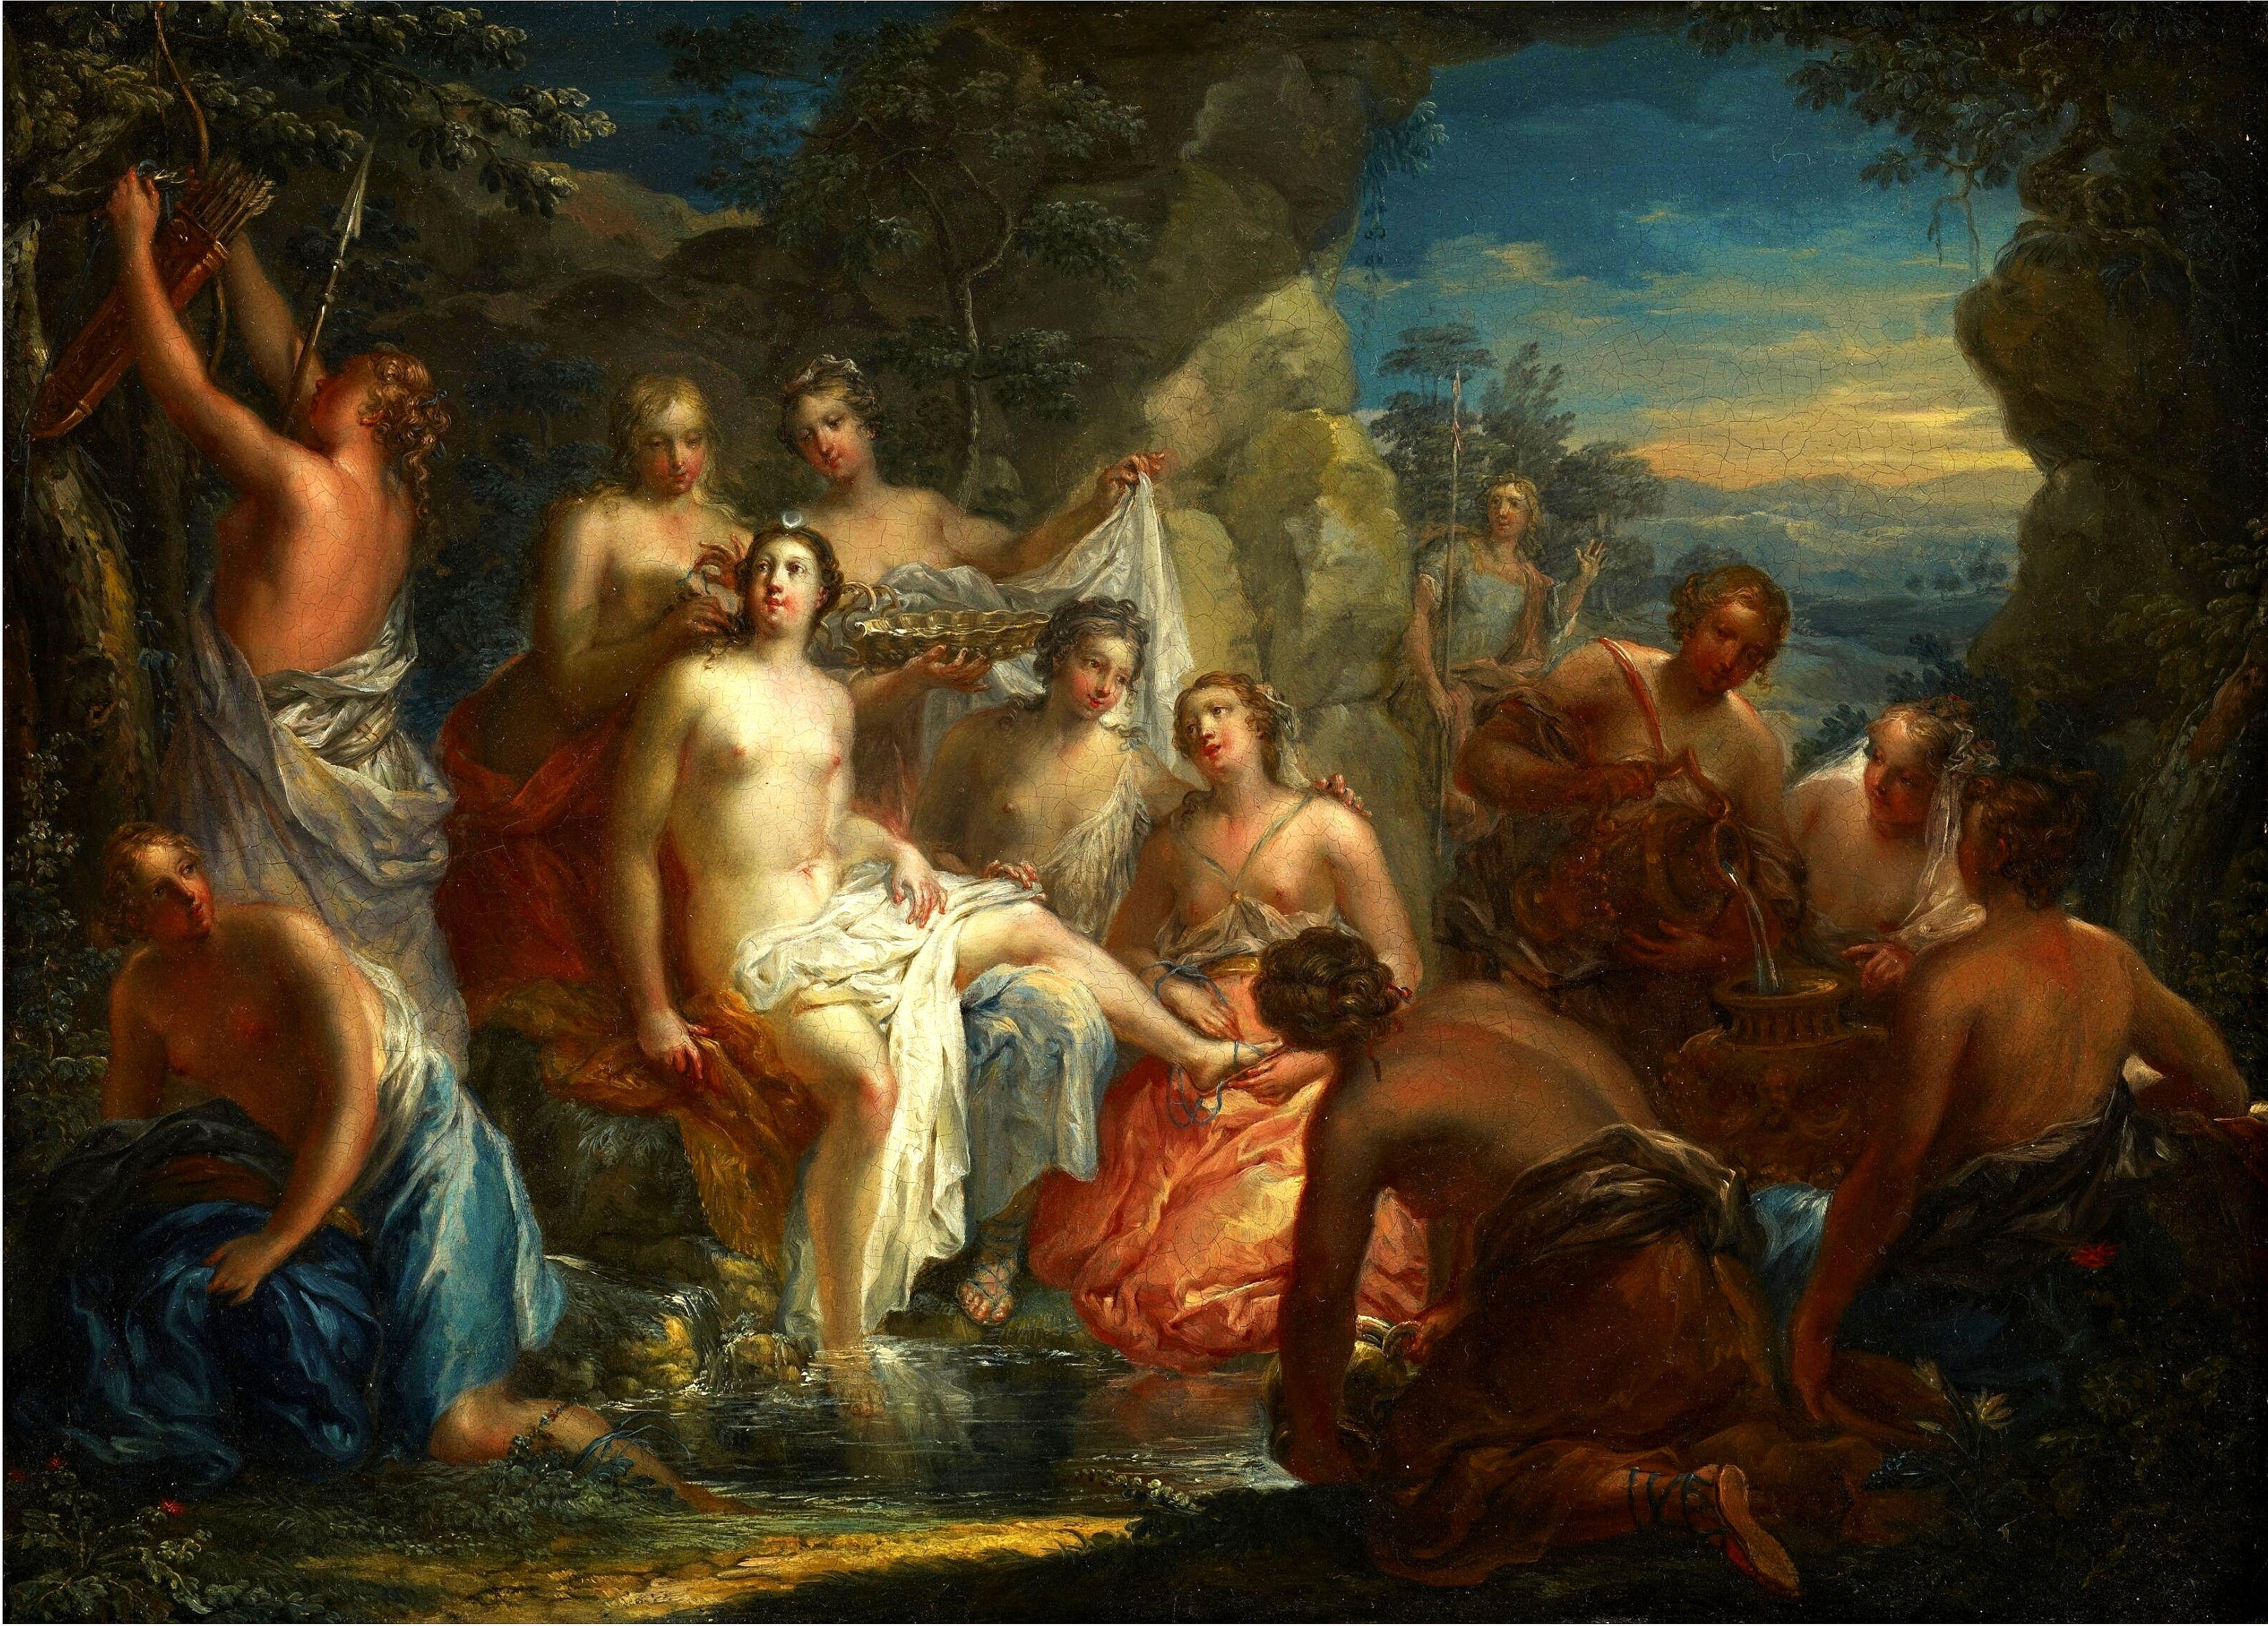 Купание Дианы. ок.1730. 34.9 х 42.2 см. Миннеаполис, Институт искусств